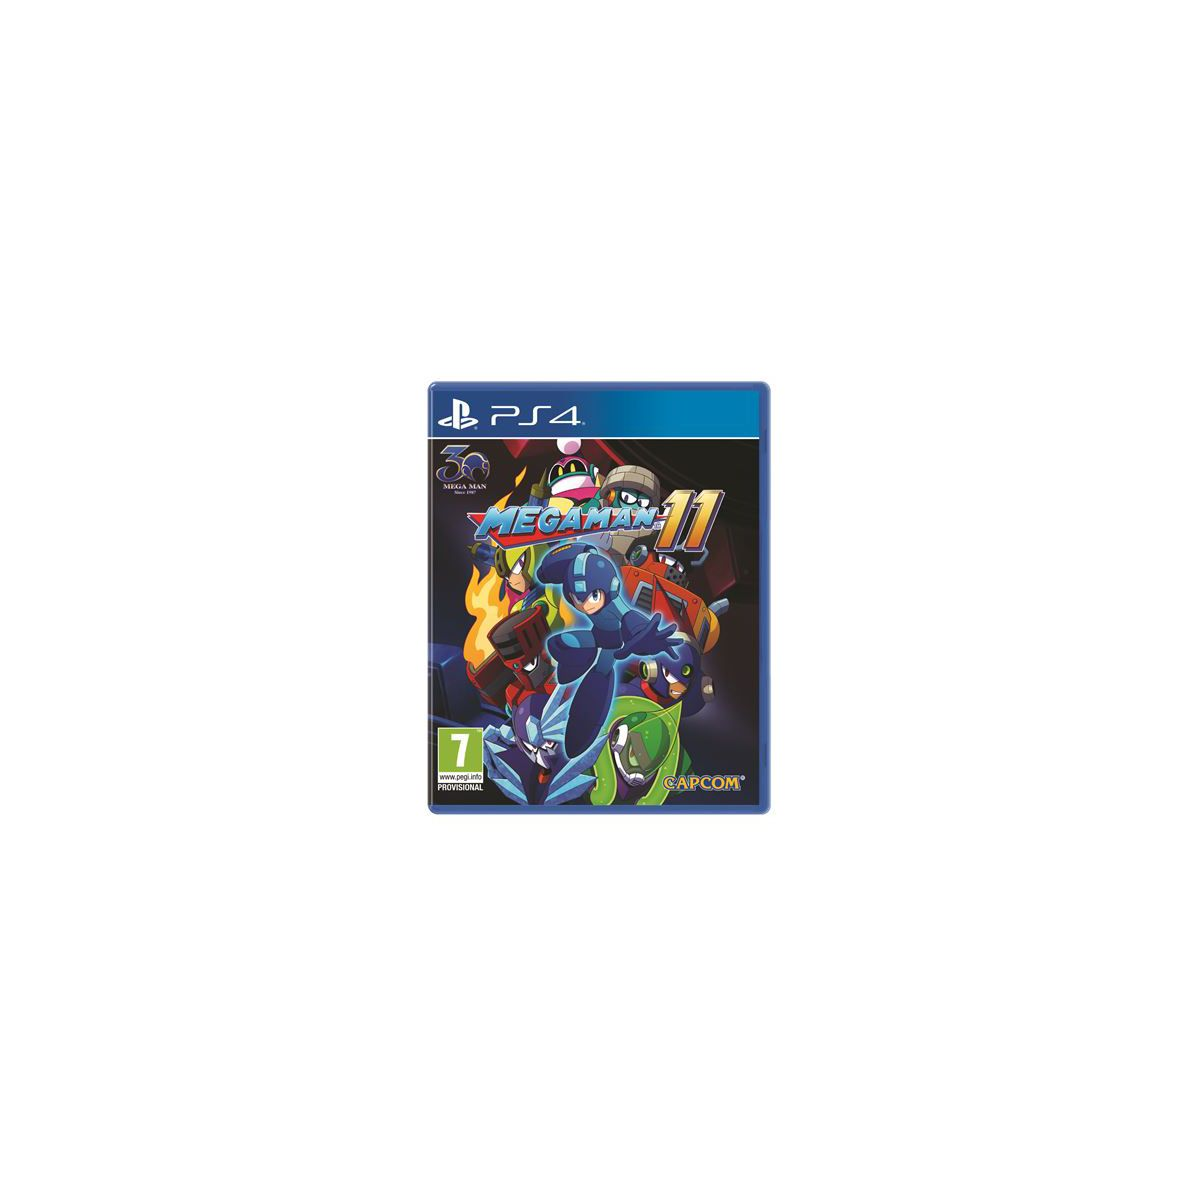 Jeu PS4 CAPCOM Megaman XI